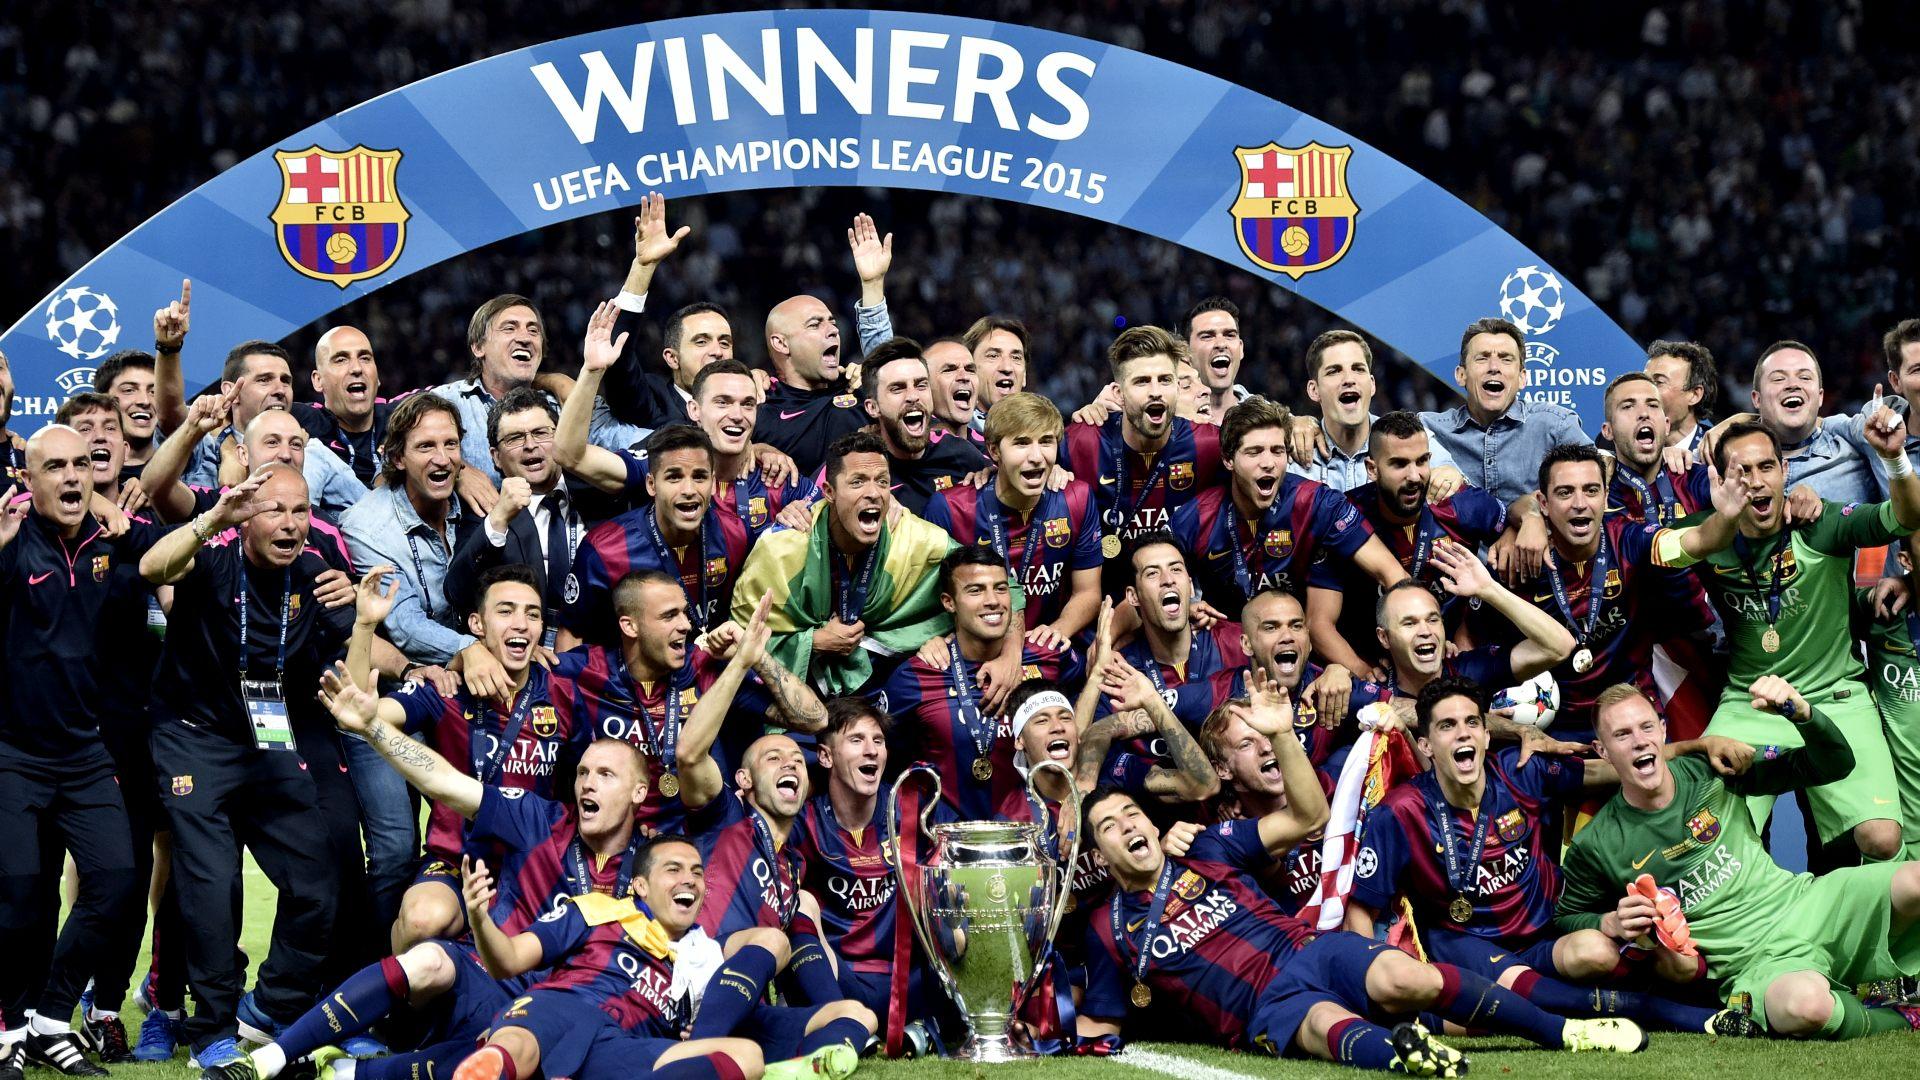 Барселона - победитель ЛЧ 2015